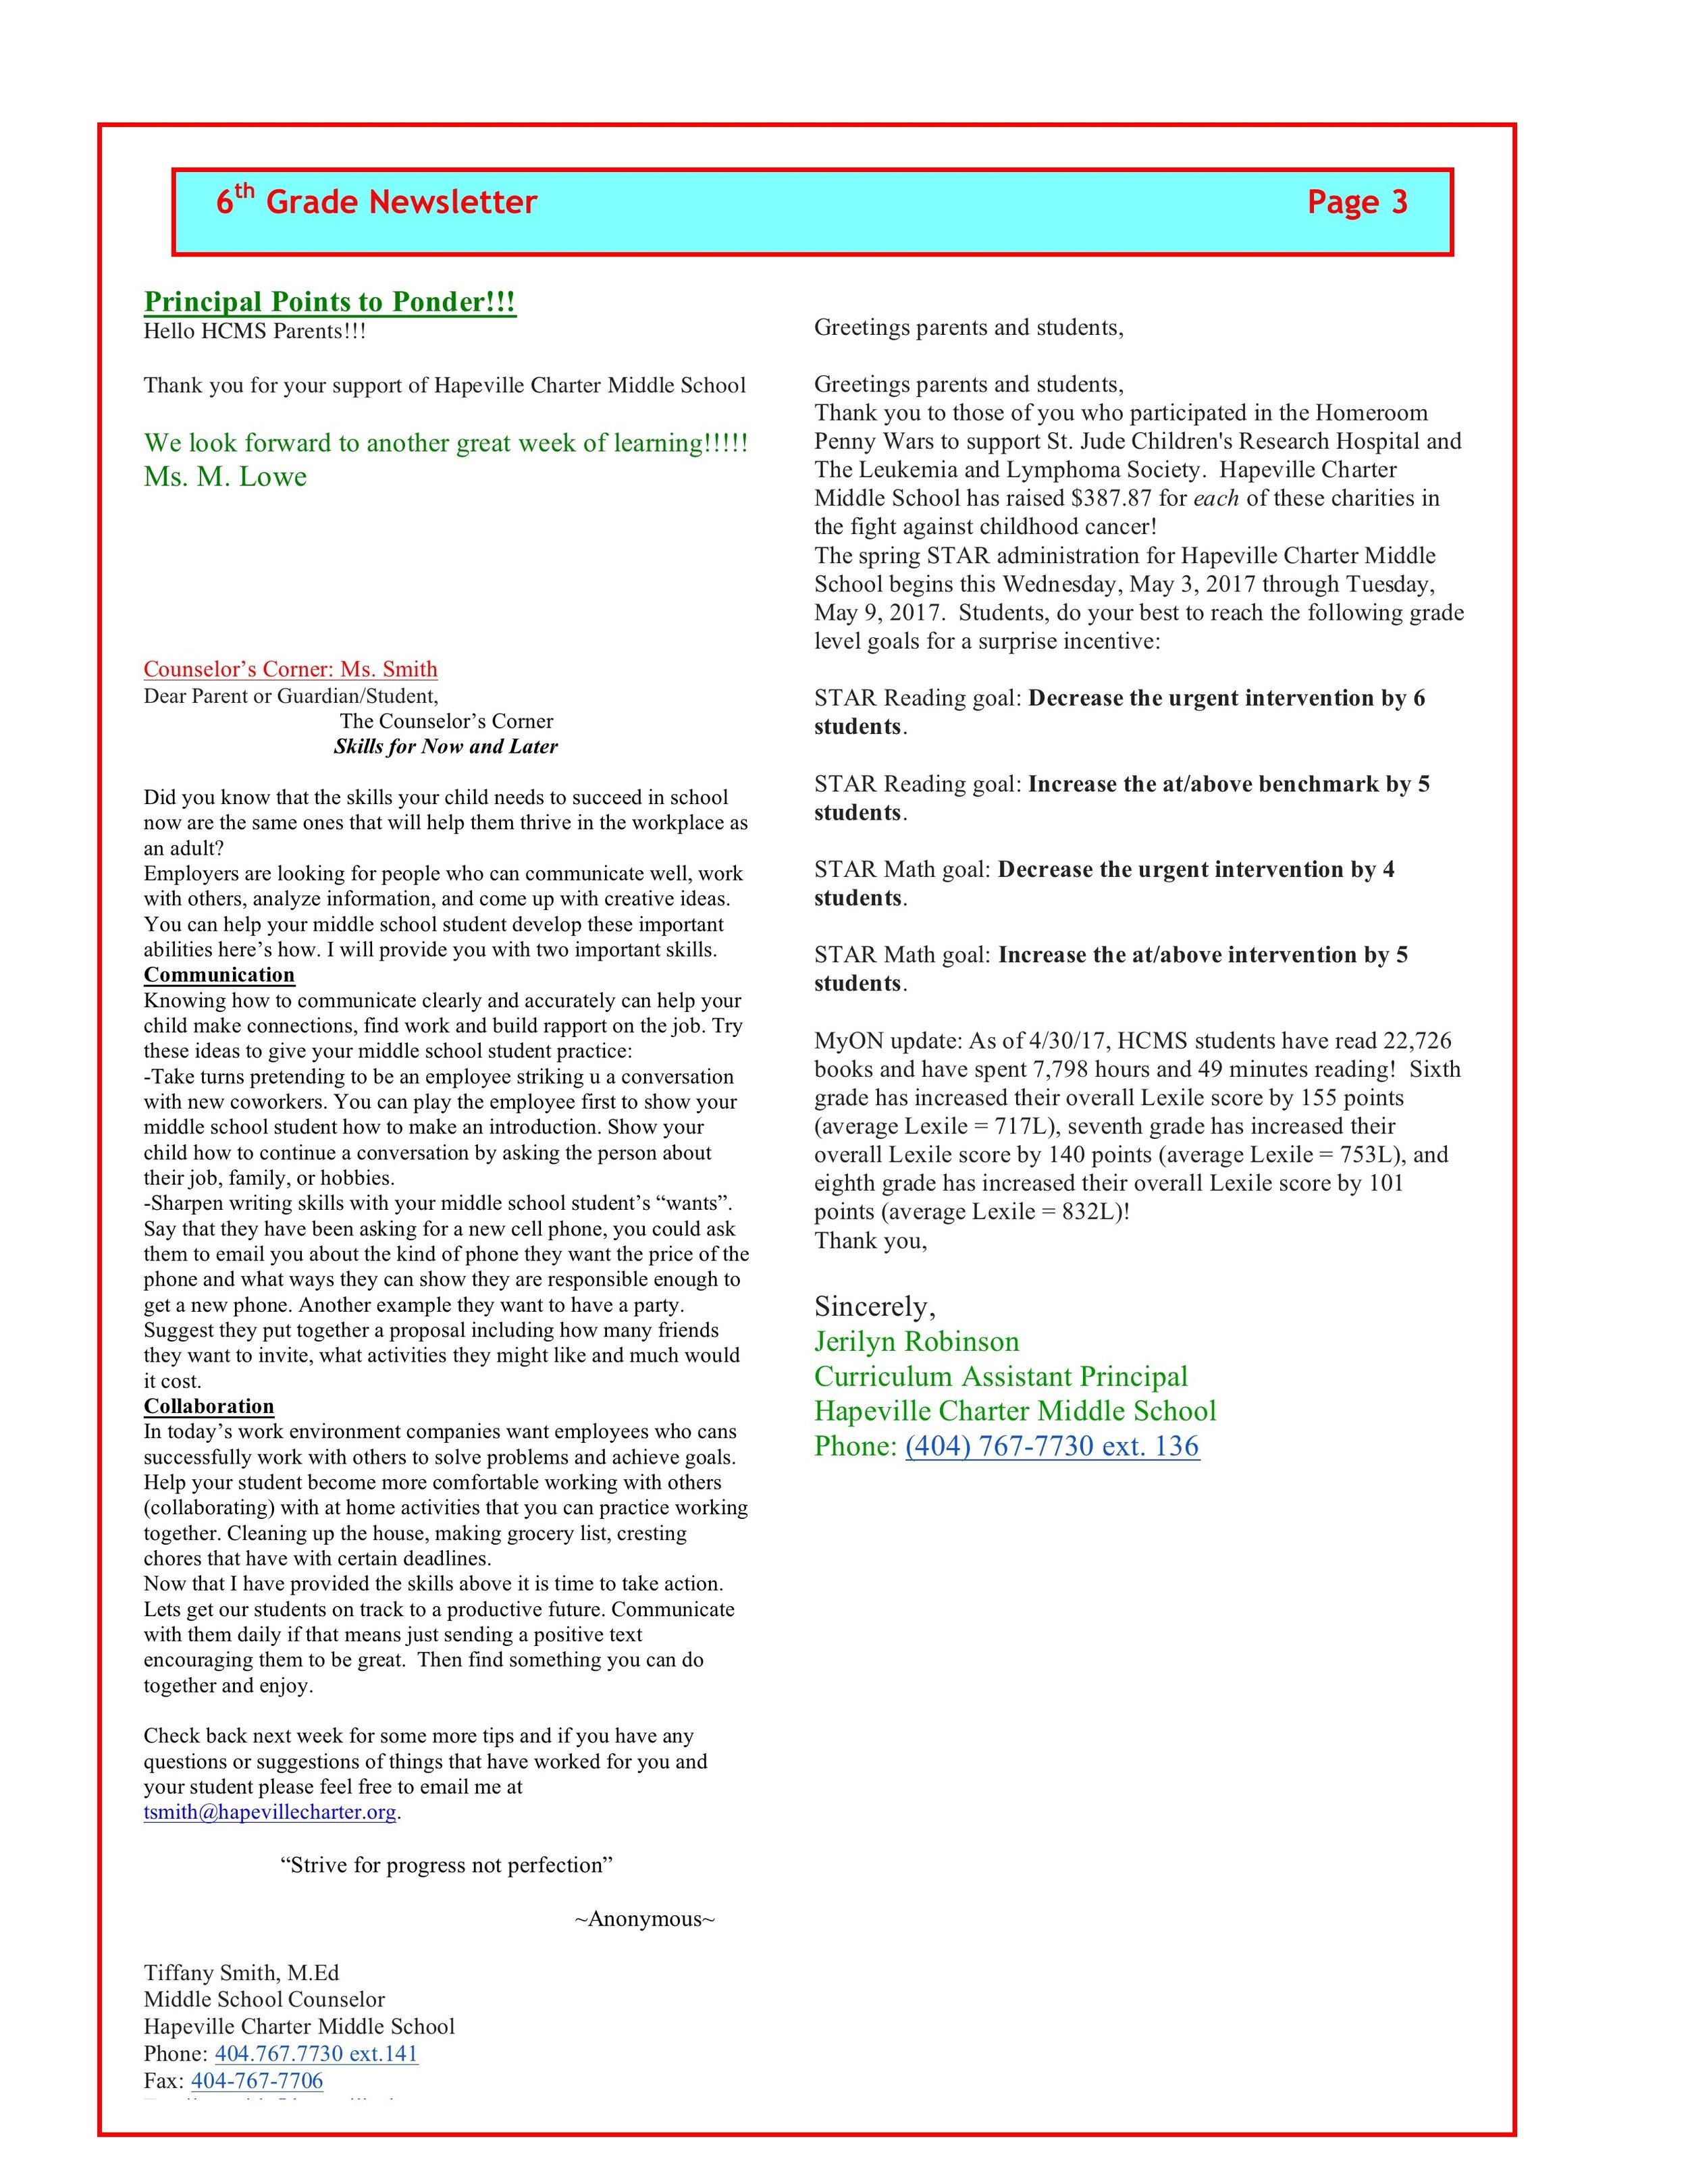 Newsletter Image6th Grade Newsletter 5-1-2017 3.jpeg